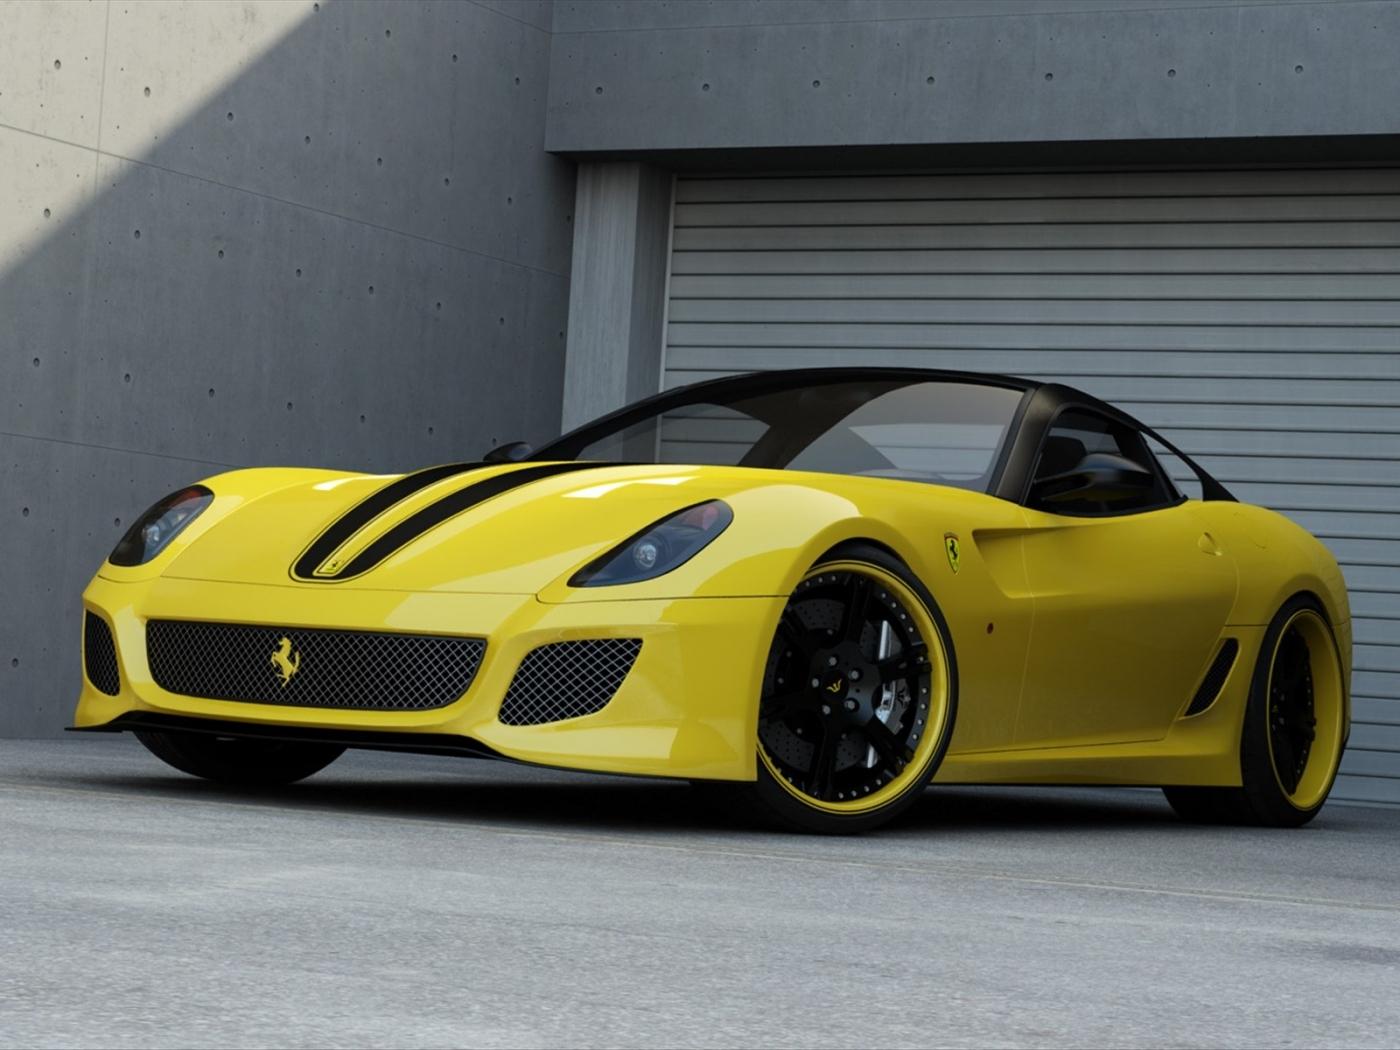 25155 скачать обои Транспорт, Машины, Феррари (Ferrari) - заставки и картинки бесплатно